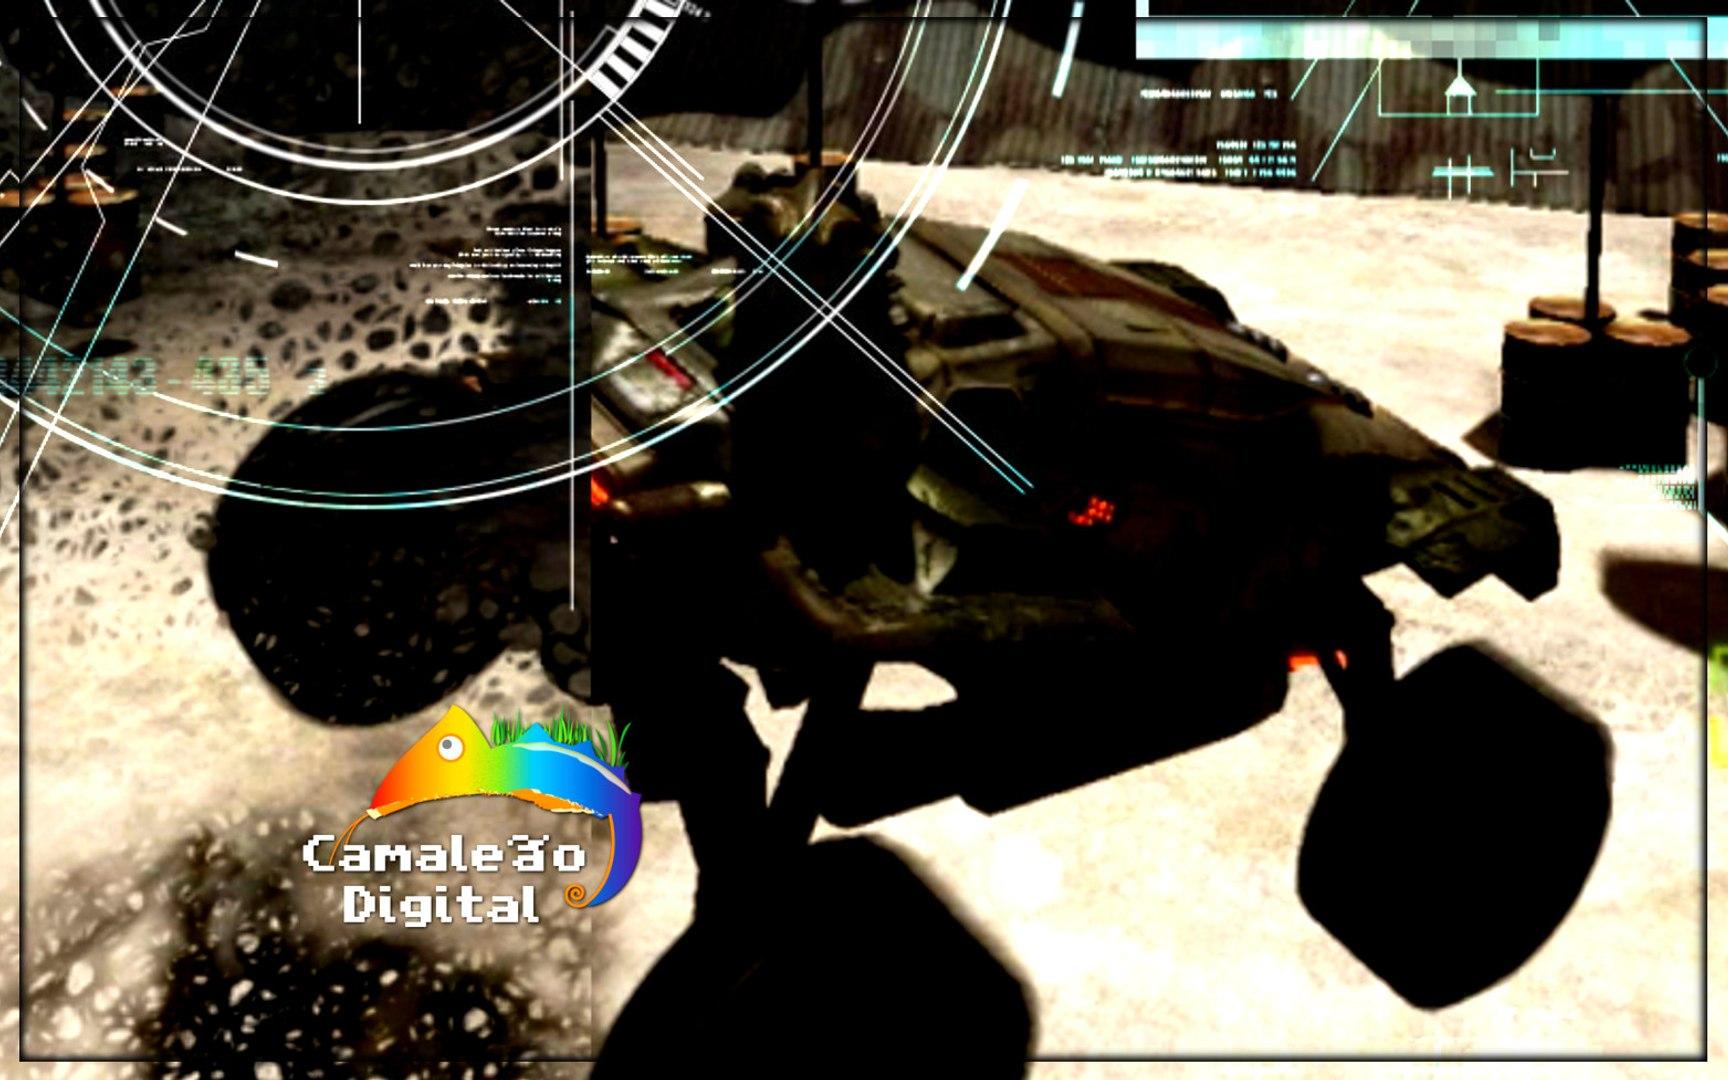 UDK Mecânica de Corrida - Unreal Engine